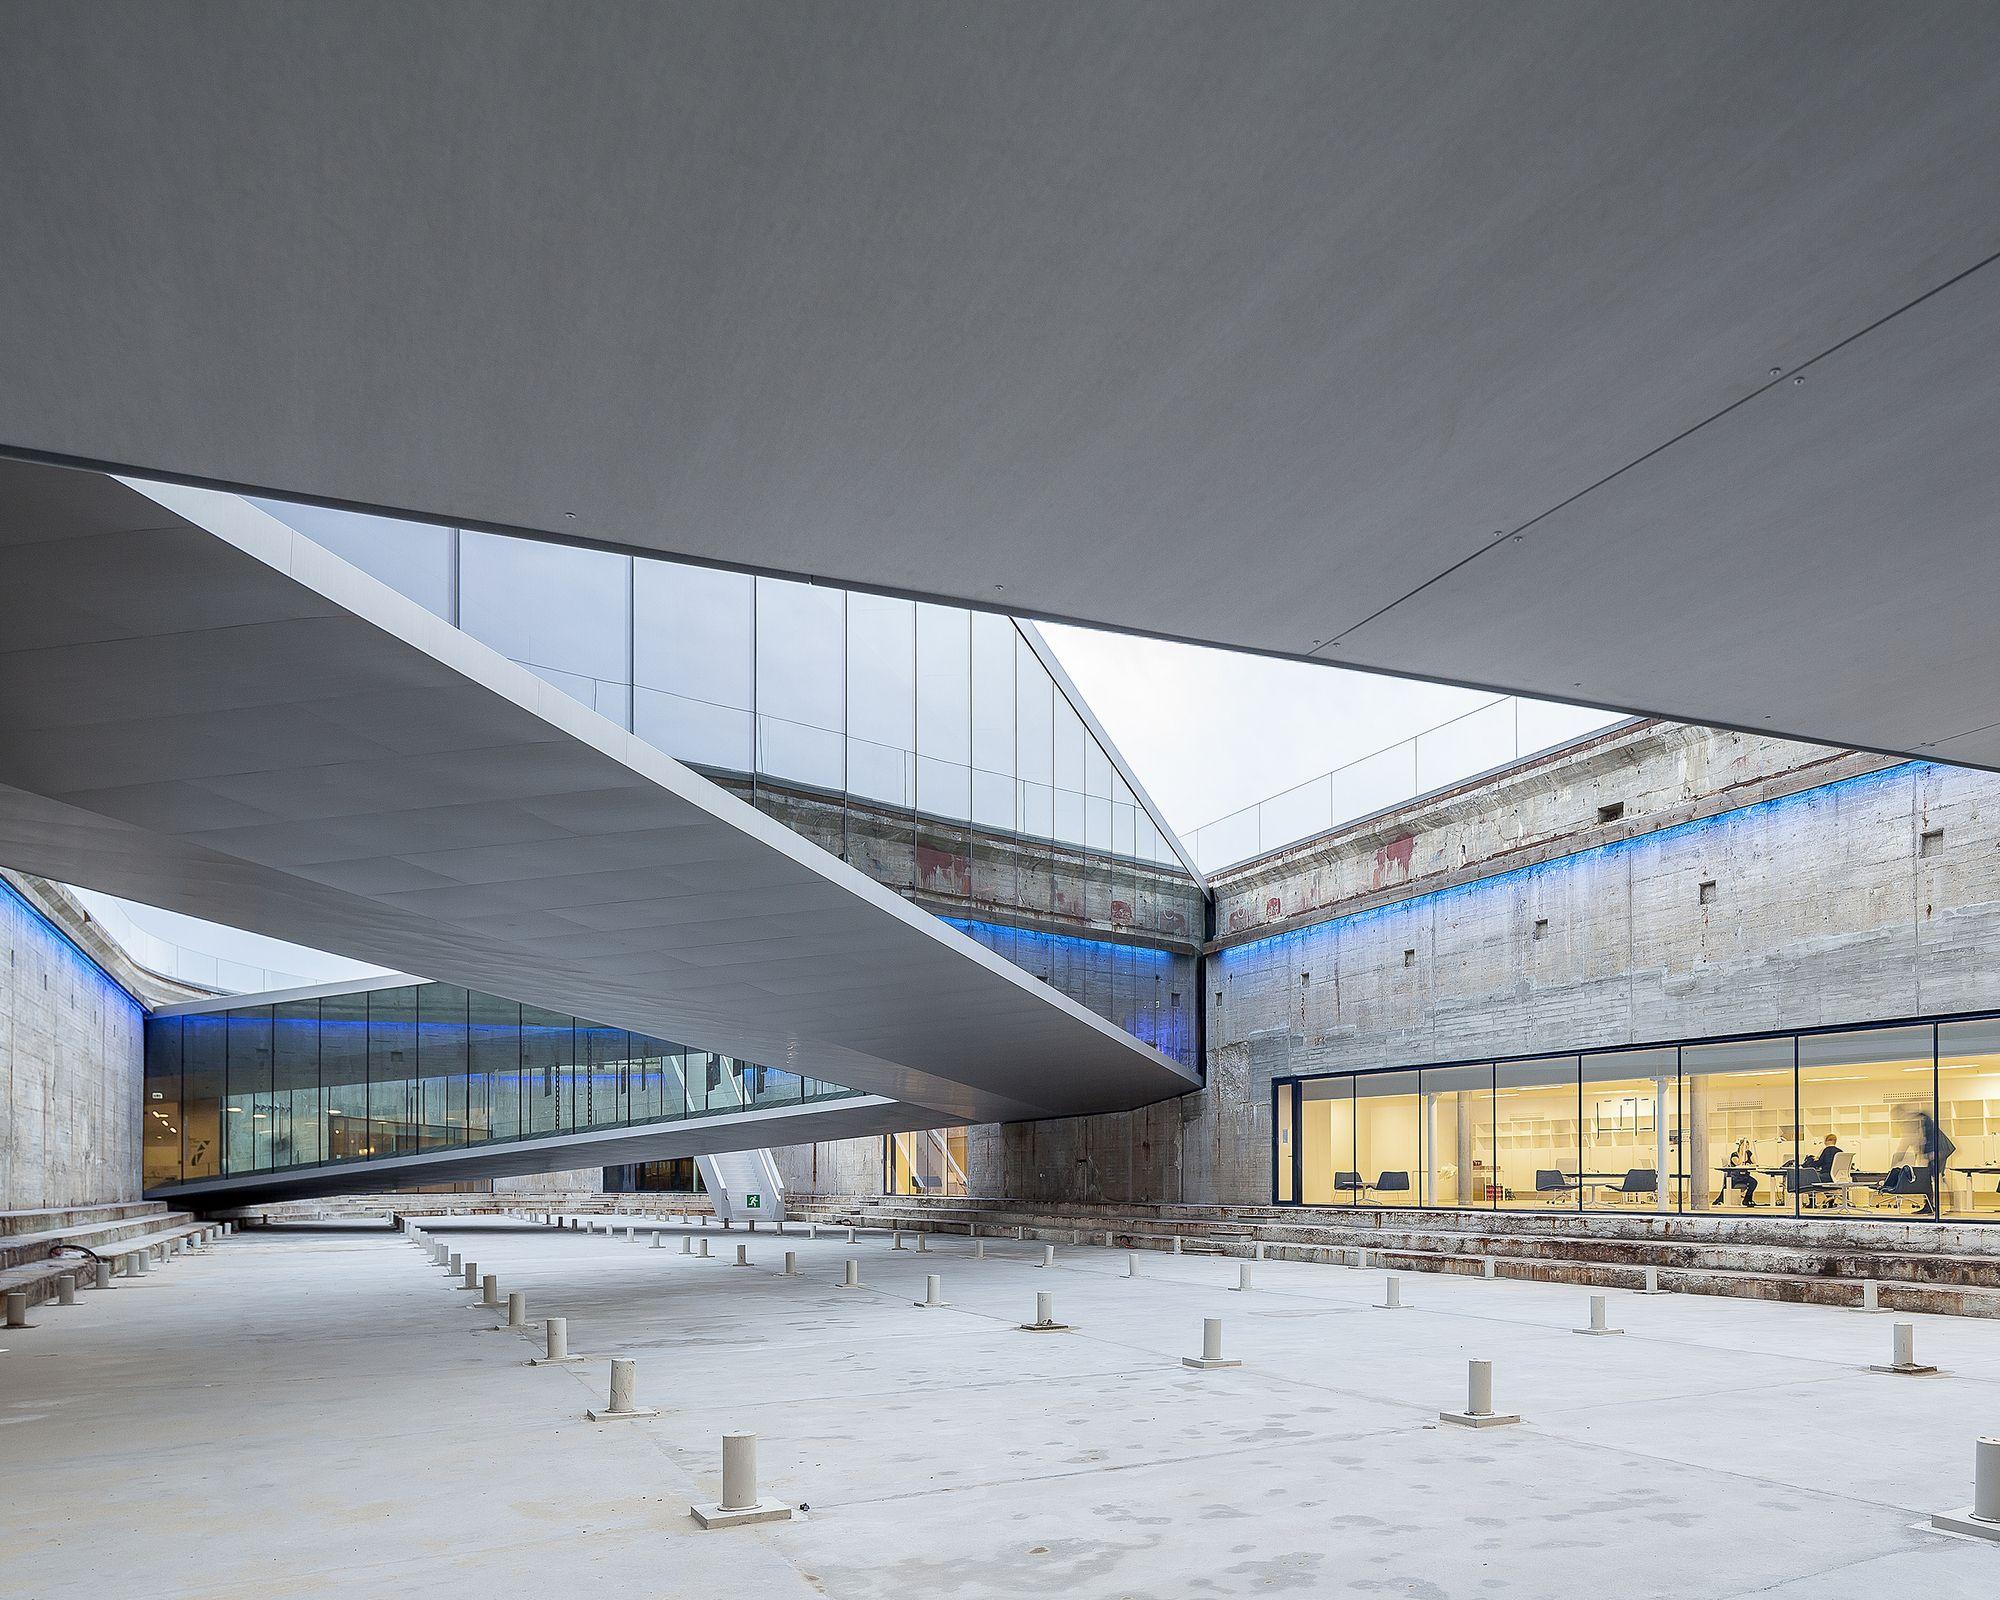 Galeria - Prêmio de Honra AIA 2015 para Arquitetura - 8